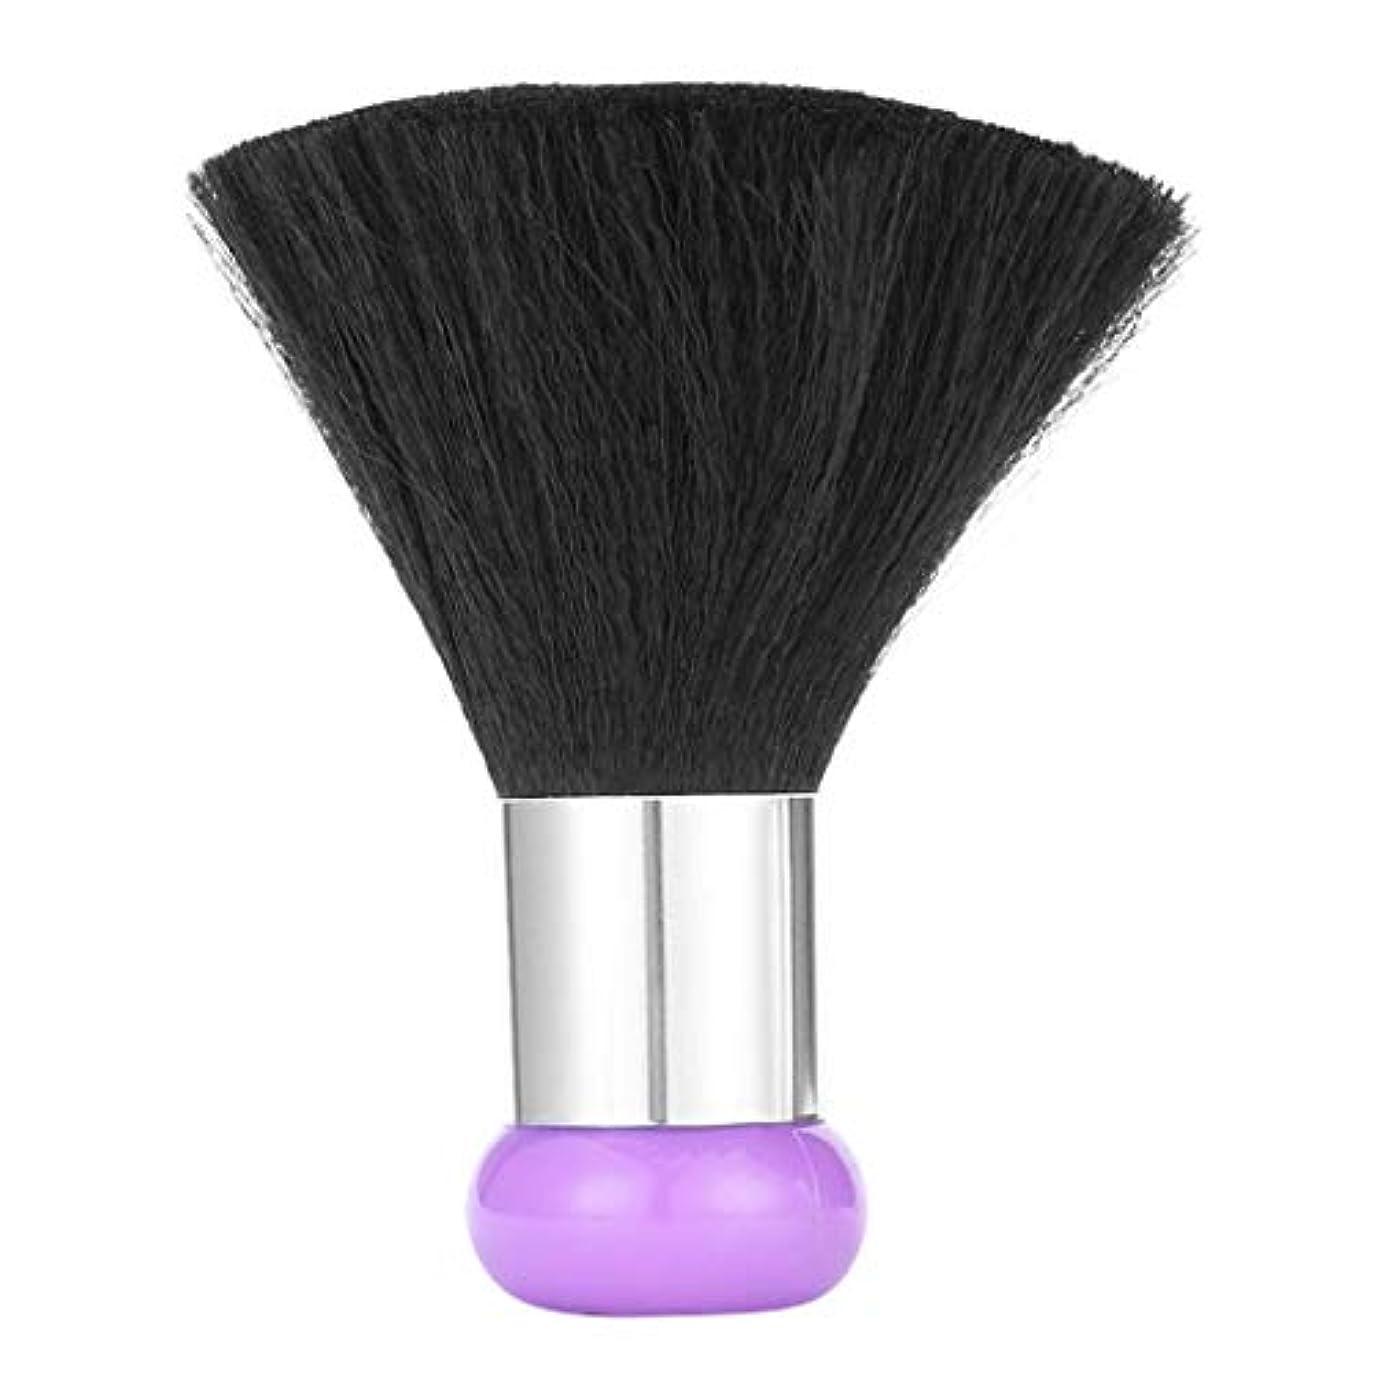 宿泊没頭する永久にB Blesiya ネックダスターブラシ ヘアカット ヘアブラシ クリーナー プロ 美容院 サロン 2色選べ - 紫